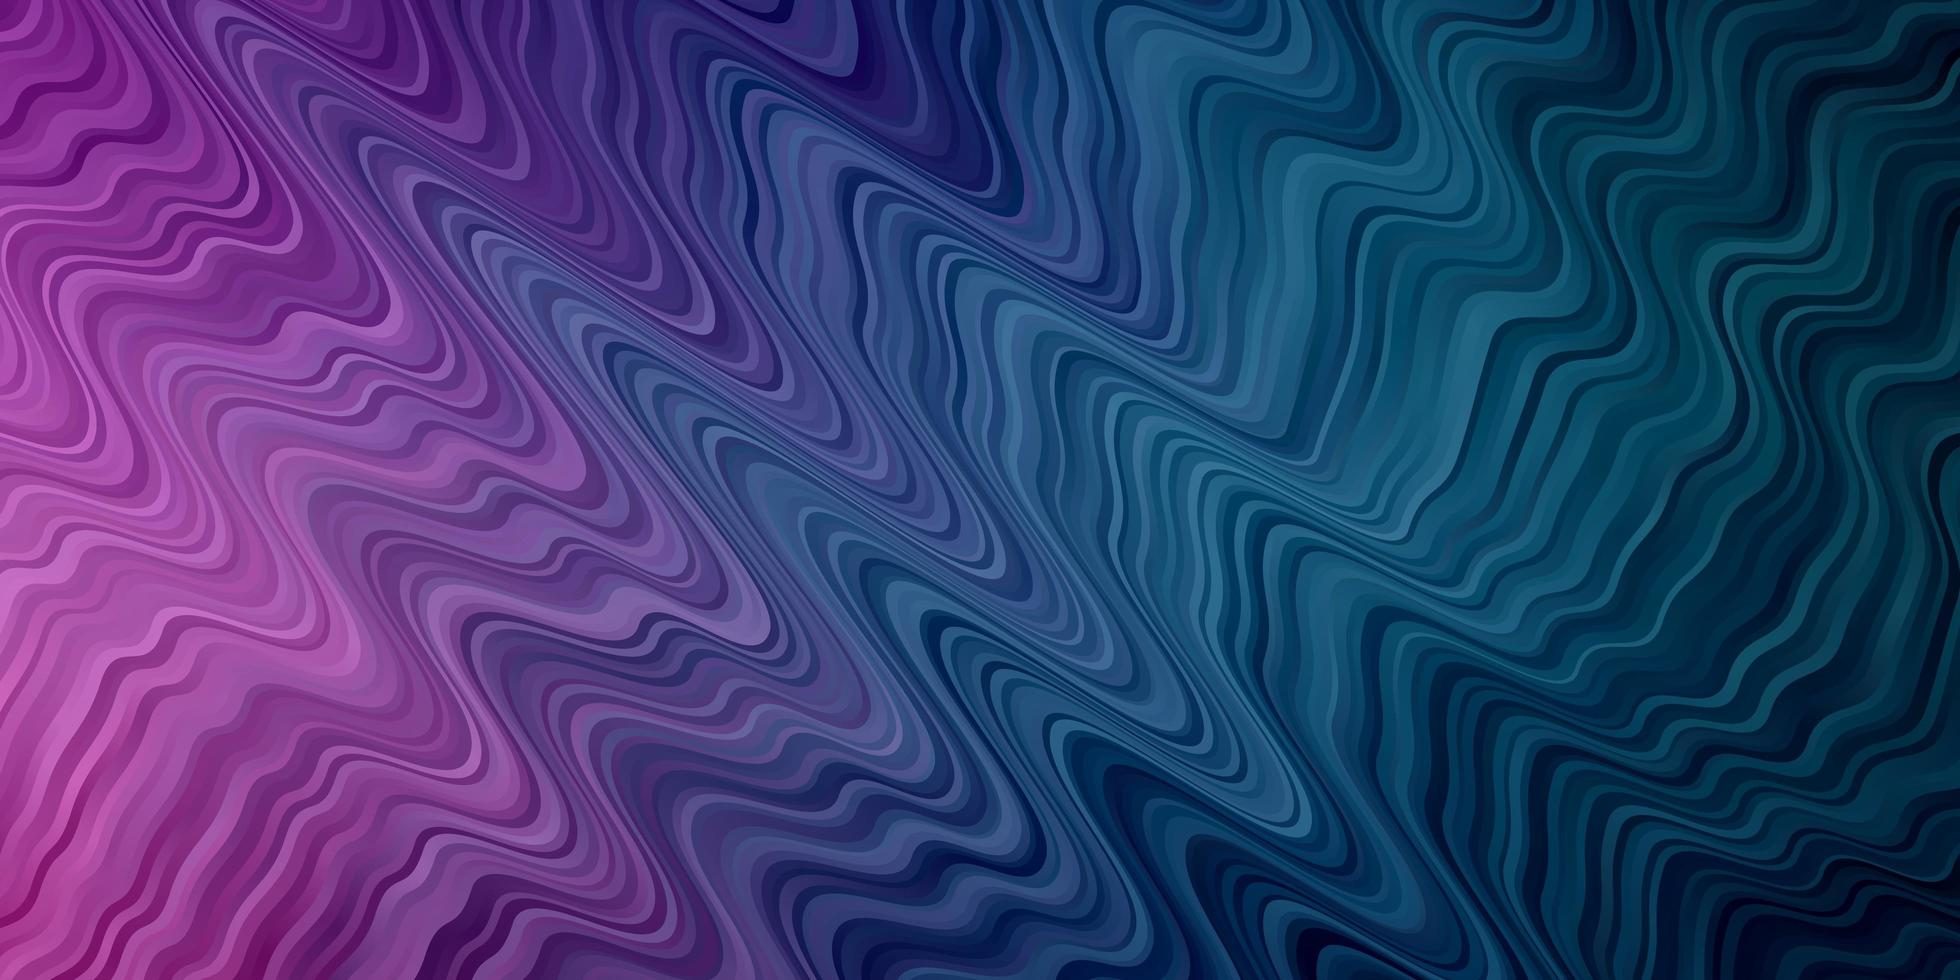 sfondo azzurro, rosa con linee curve. vettore